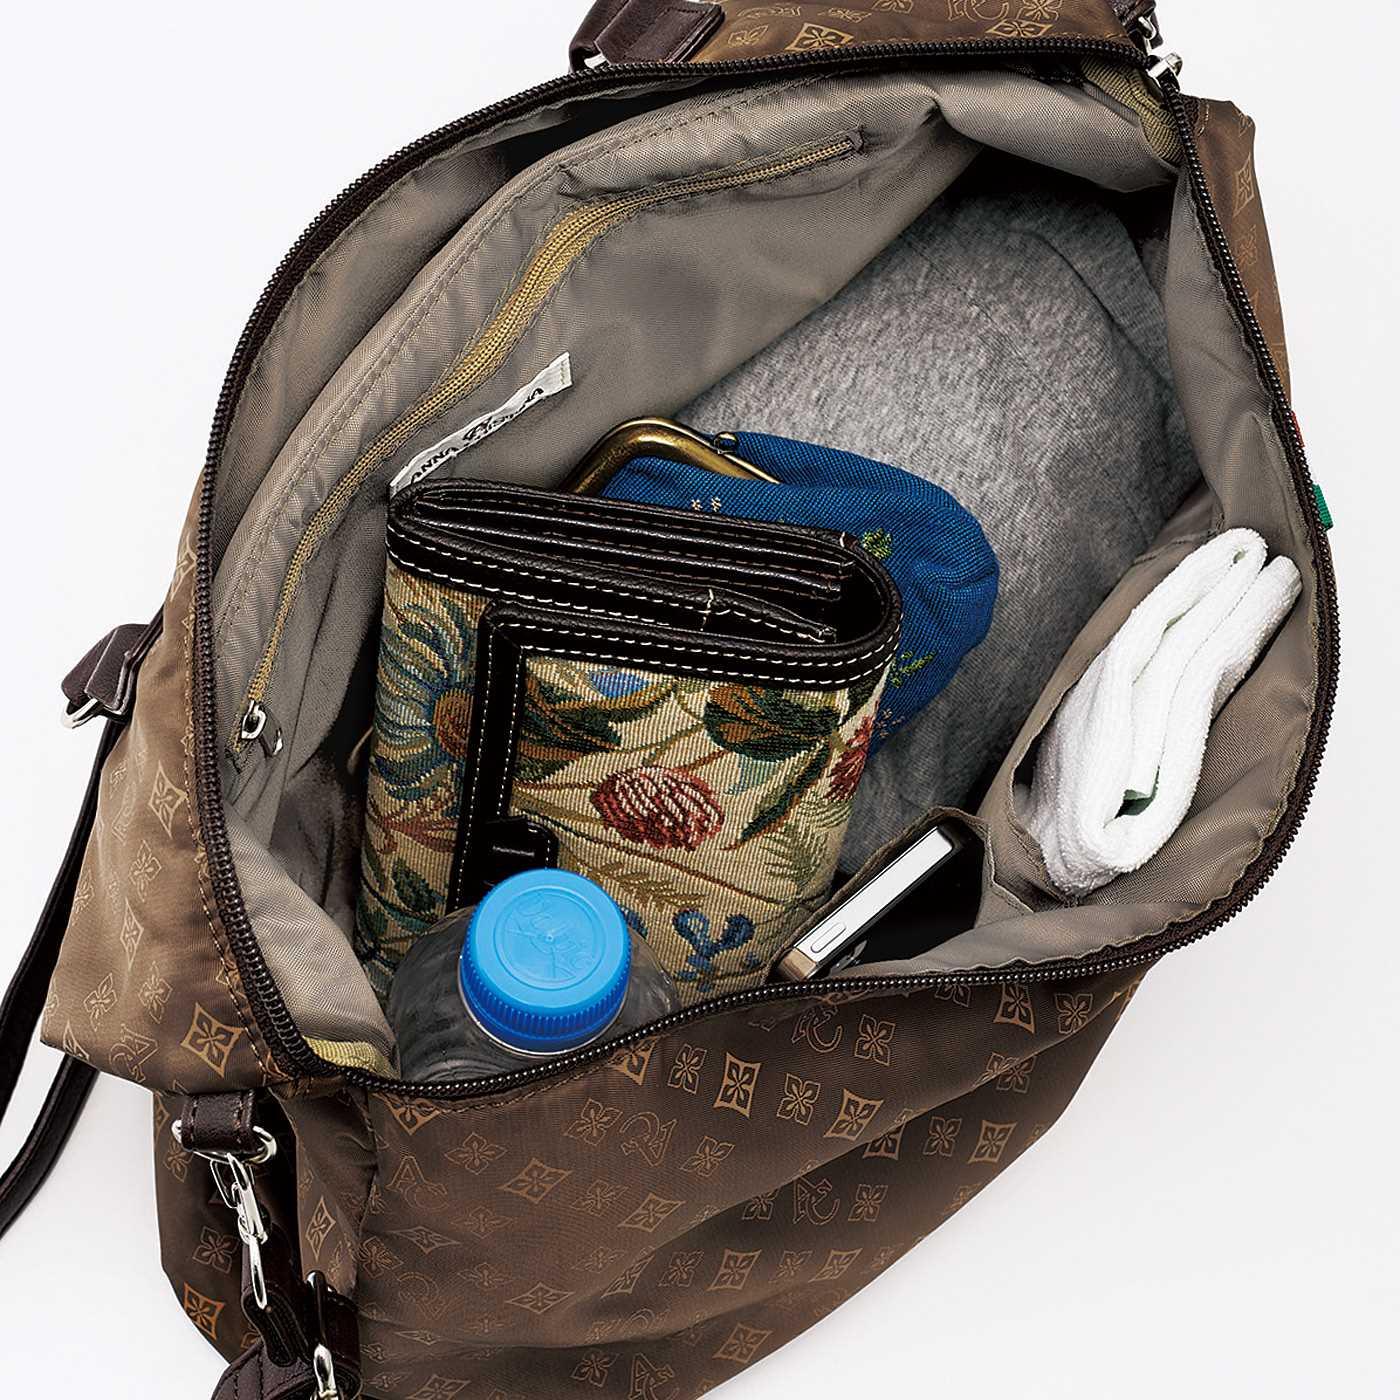 オープンポケットふたつと、ファスナーポケットひとつ付き。見た目以上の収納力。